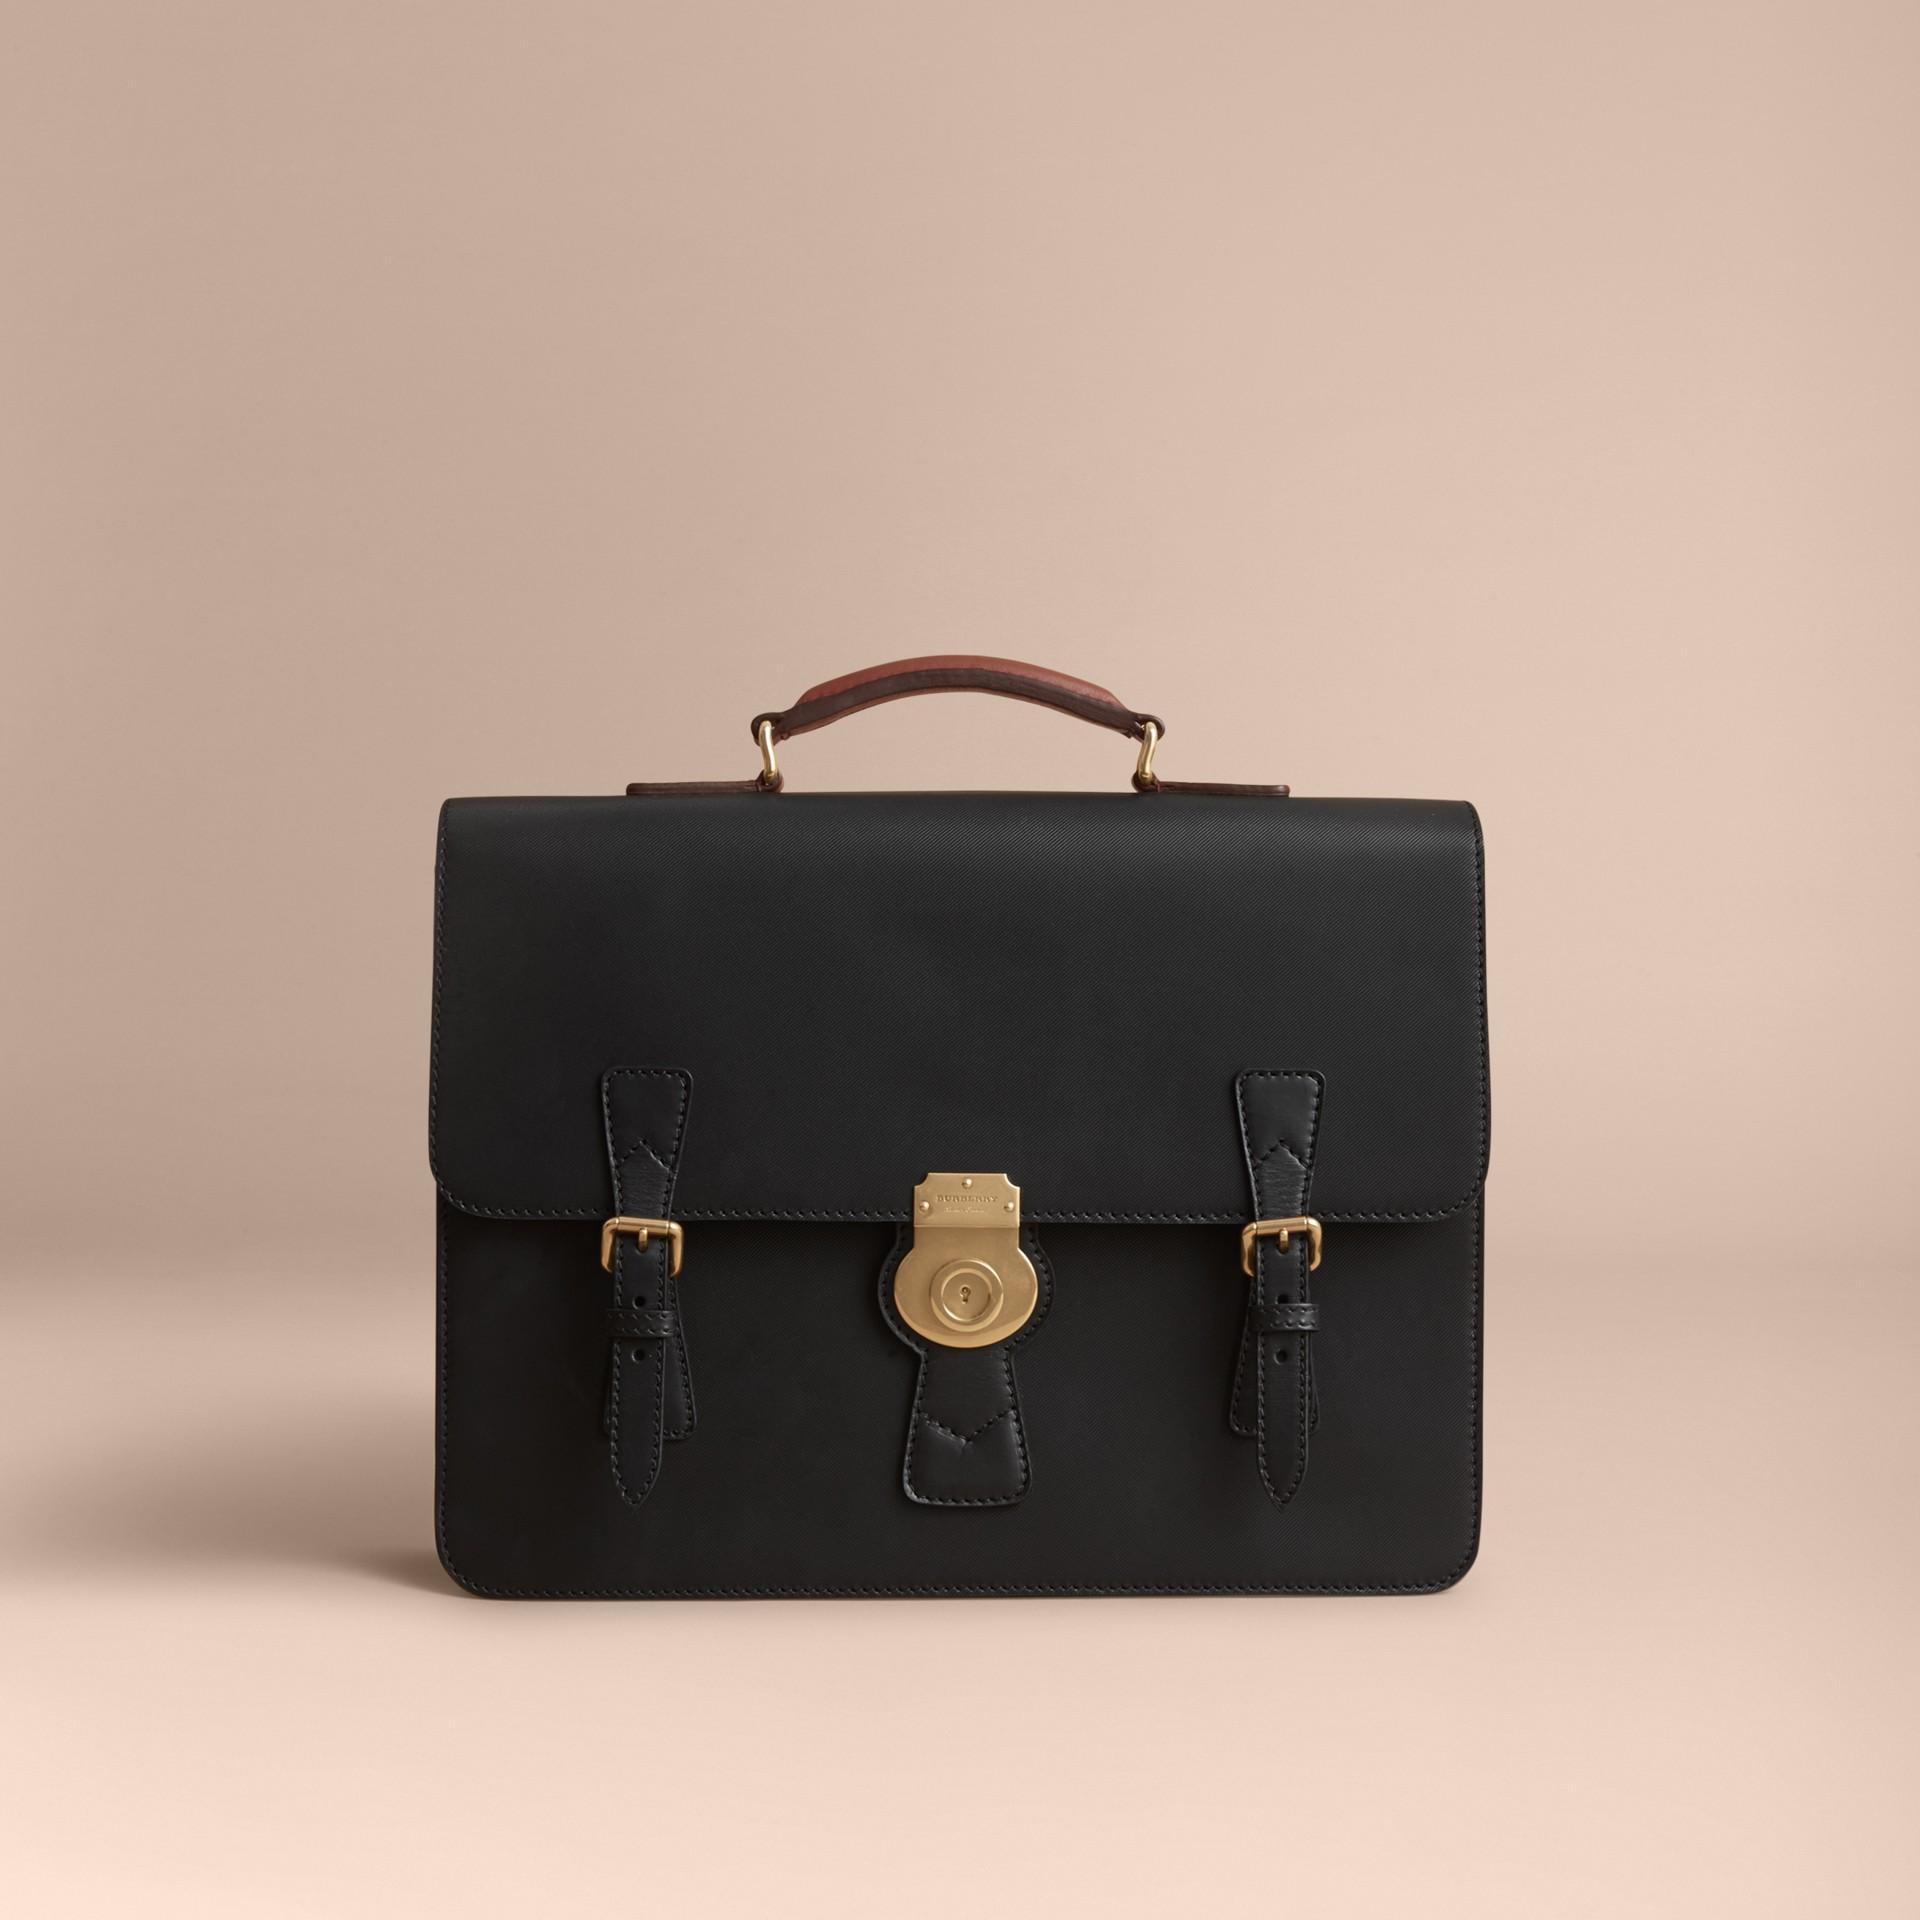 Bolsa satchel DK88 - Média (Preto) - Homens | Burberry - galeria de imagens 6